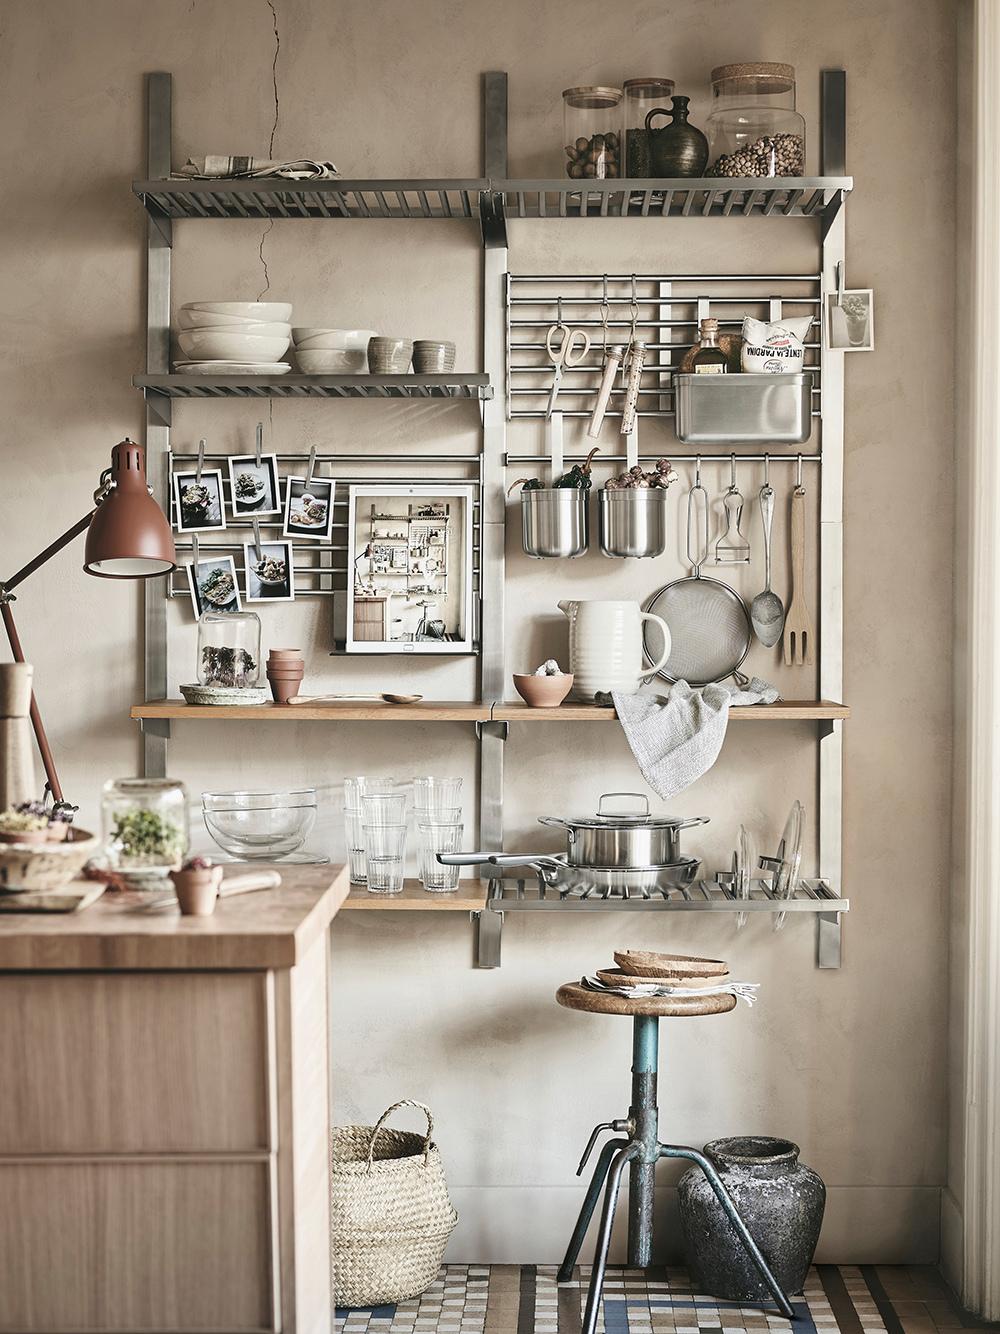 Full Size of Aufbewahrung Küche Ikea Hacks Kche Hngend Edelstahl Spritzschutz Plexiglas Aufbewahrungsbox Garten Hängeregal Günstig Kaufen Treteimer Doppelblock Wohnzimmer Aufbewahrung Küche